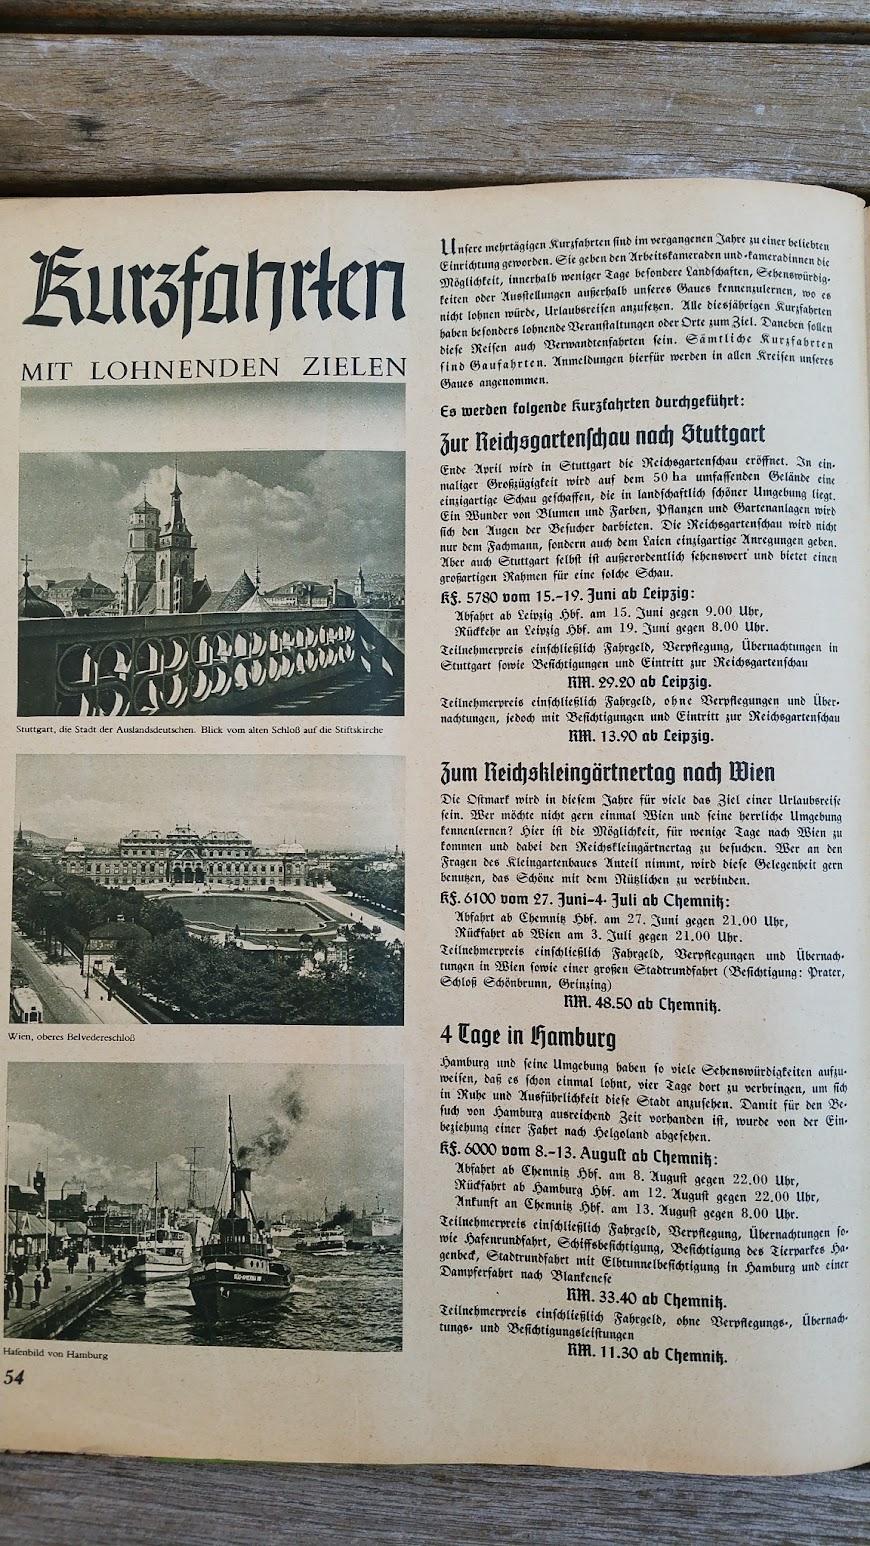 """Die Deutsche Arbeitsfront - Urlaubsfahrten 1939 - NS-Gemeinschaft """"Kraft durch Freude"""" Gau Sachsen - Katalog - Kurzfahrten"""